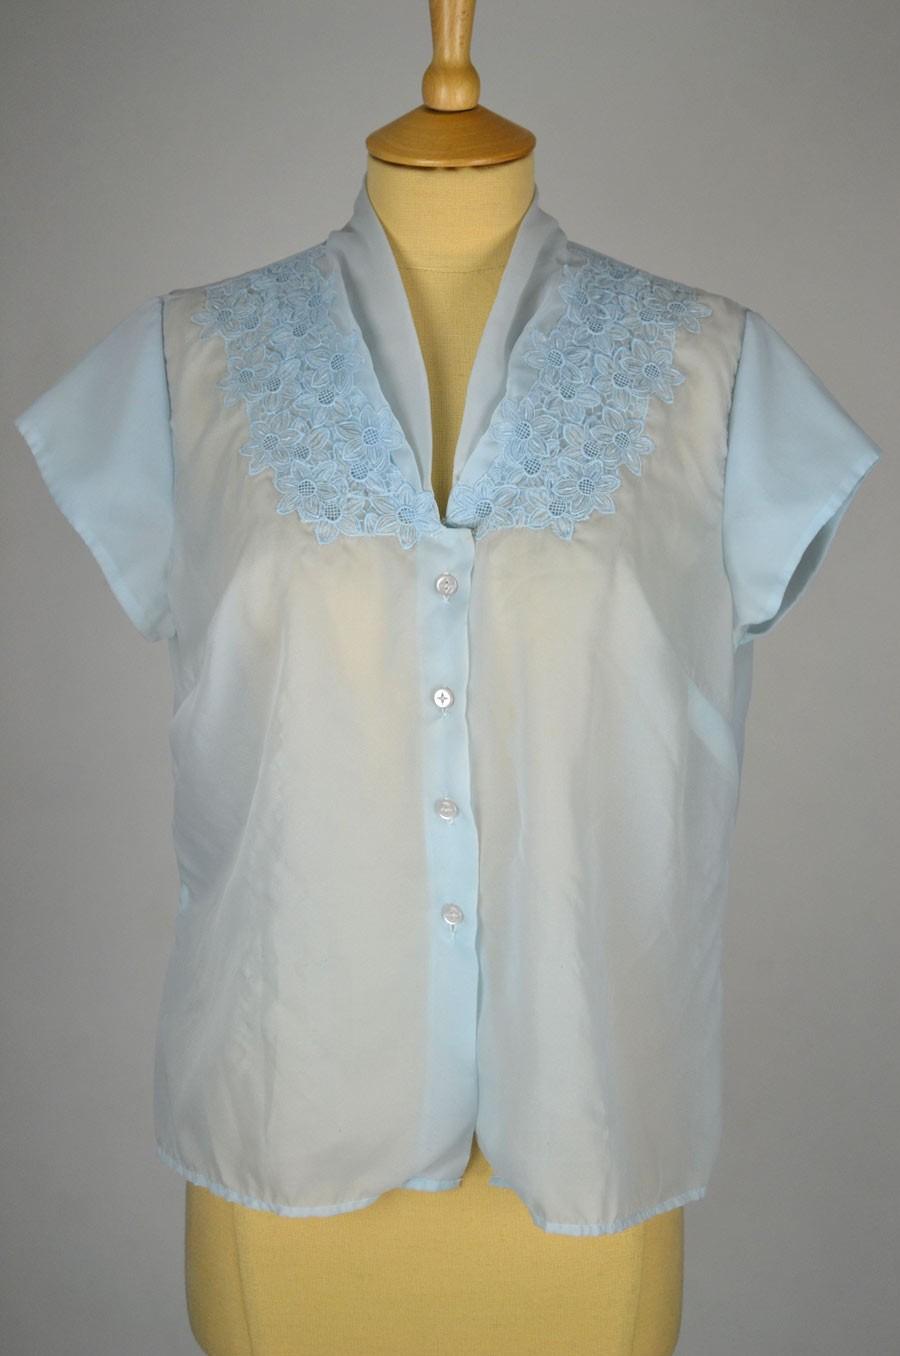 1950s-vintage-blouse-aqua-nylon-daisy-applique-detail-front